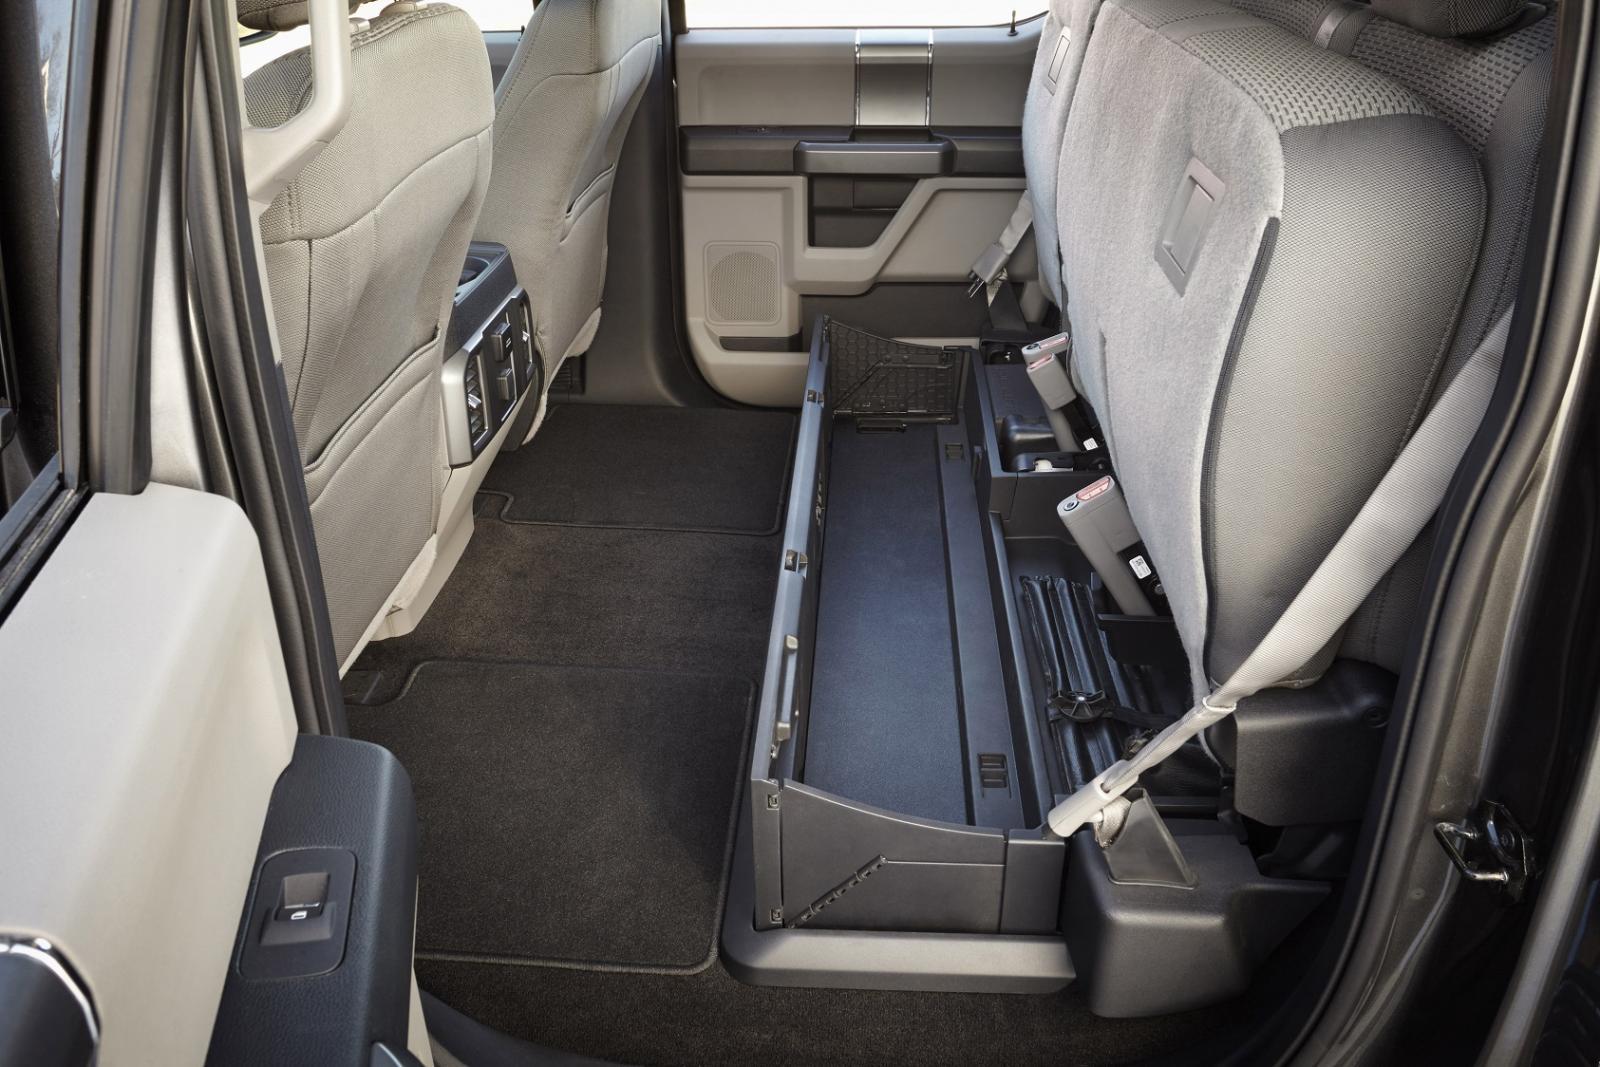 Ford F-250 Super Duty XLT Doble Cabina 2020 resena opiniones